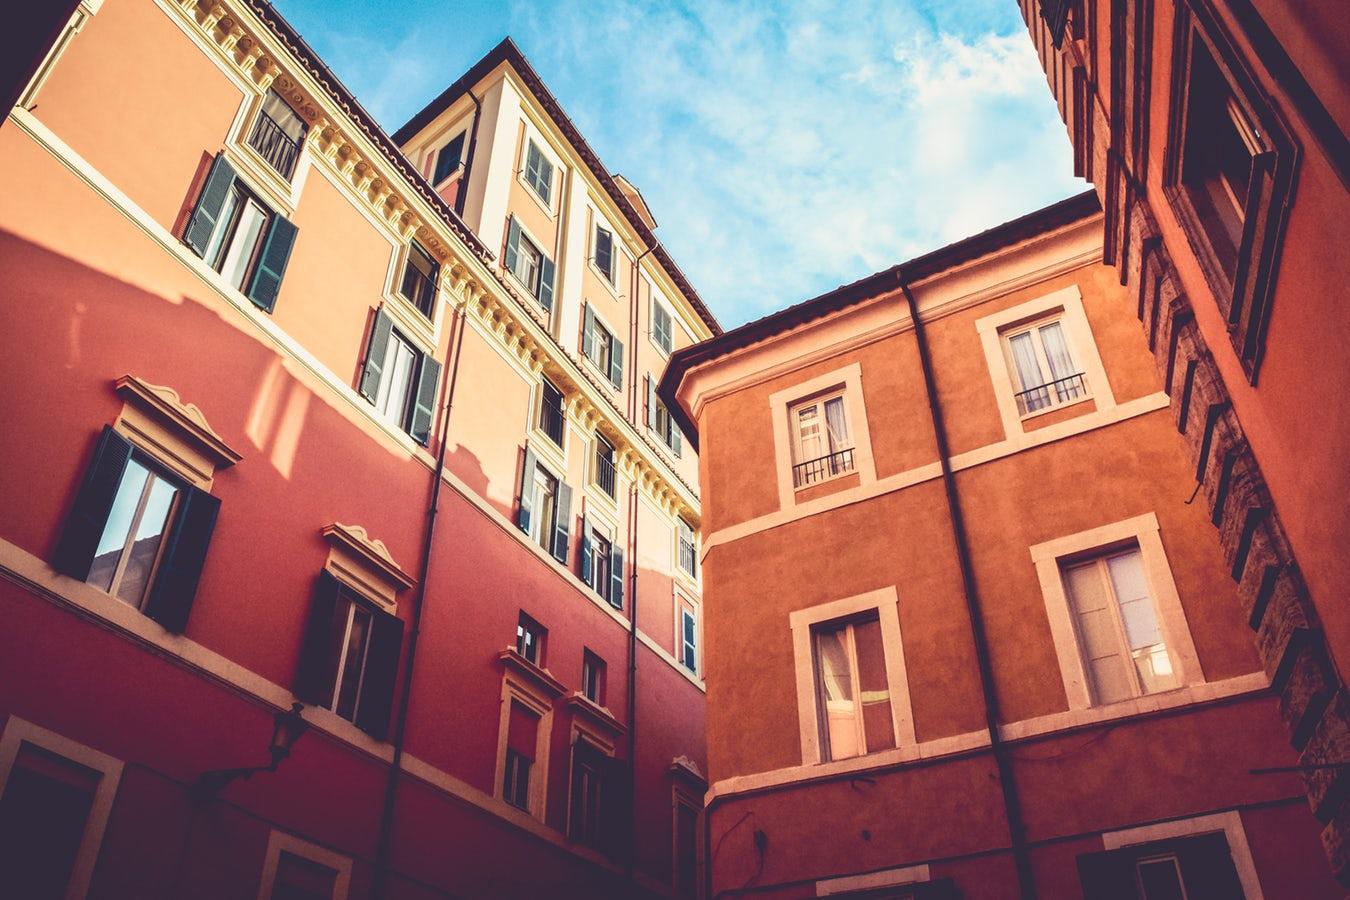 Prosta stanovanja v Mariboru.